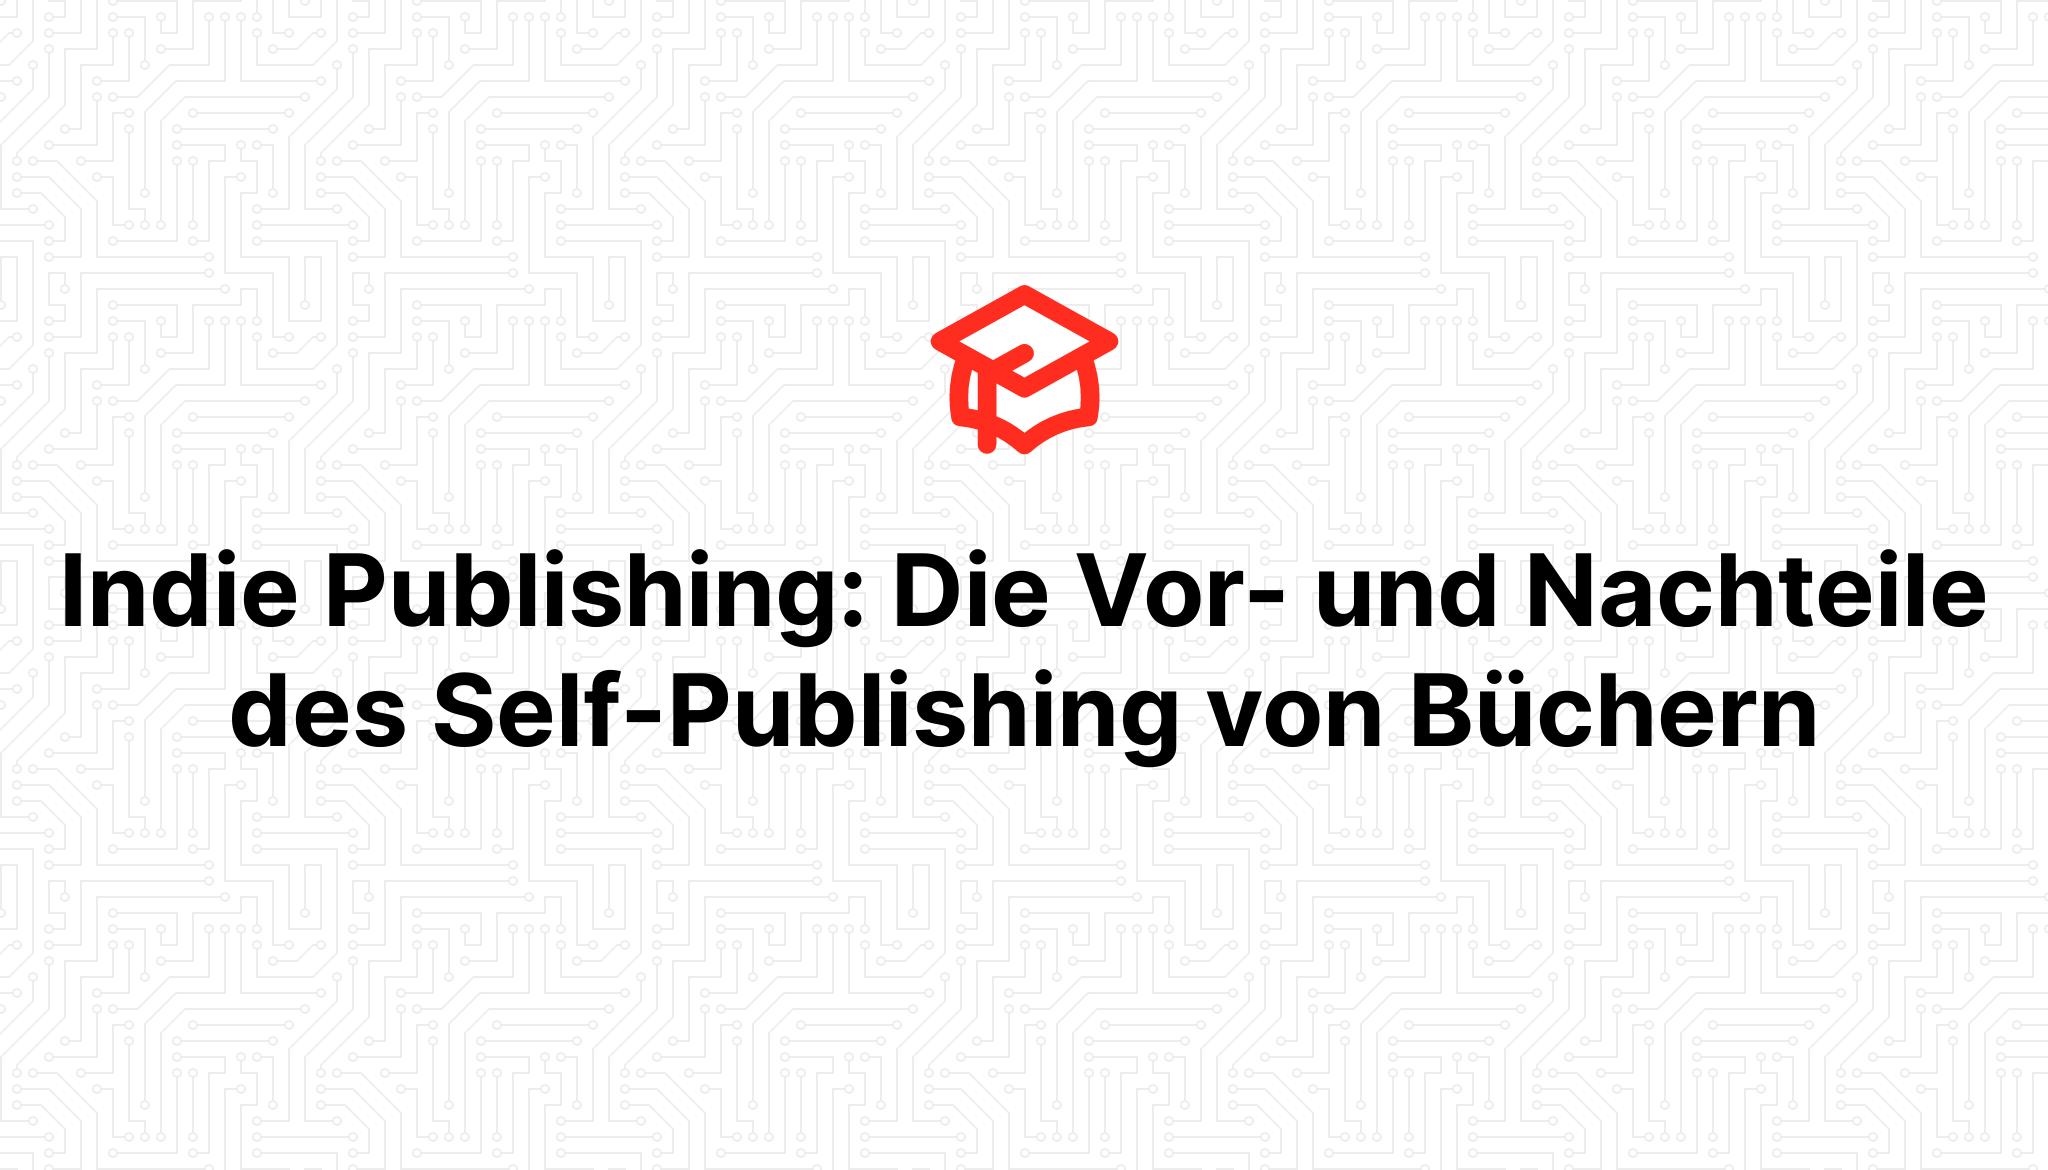 Indie Publishing: Die Vor- und Nachteile des Self-Publishing von Büchern